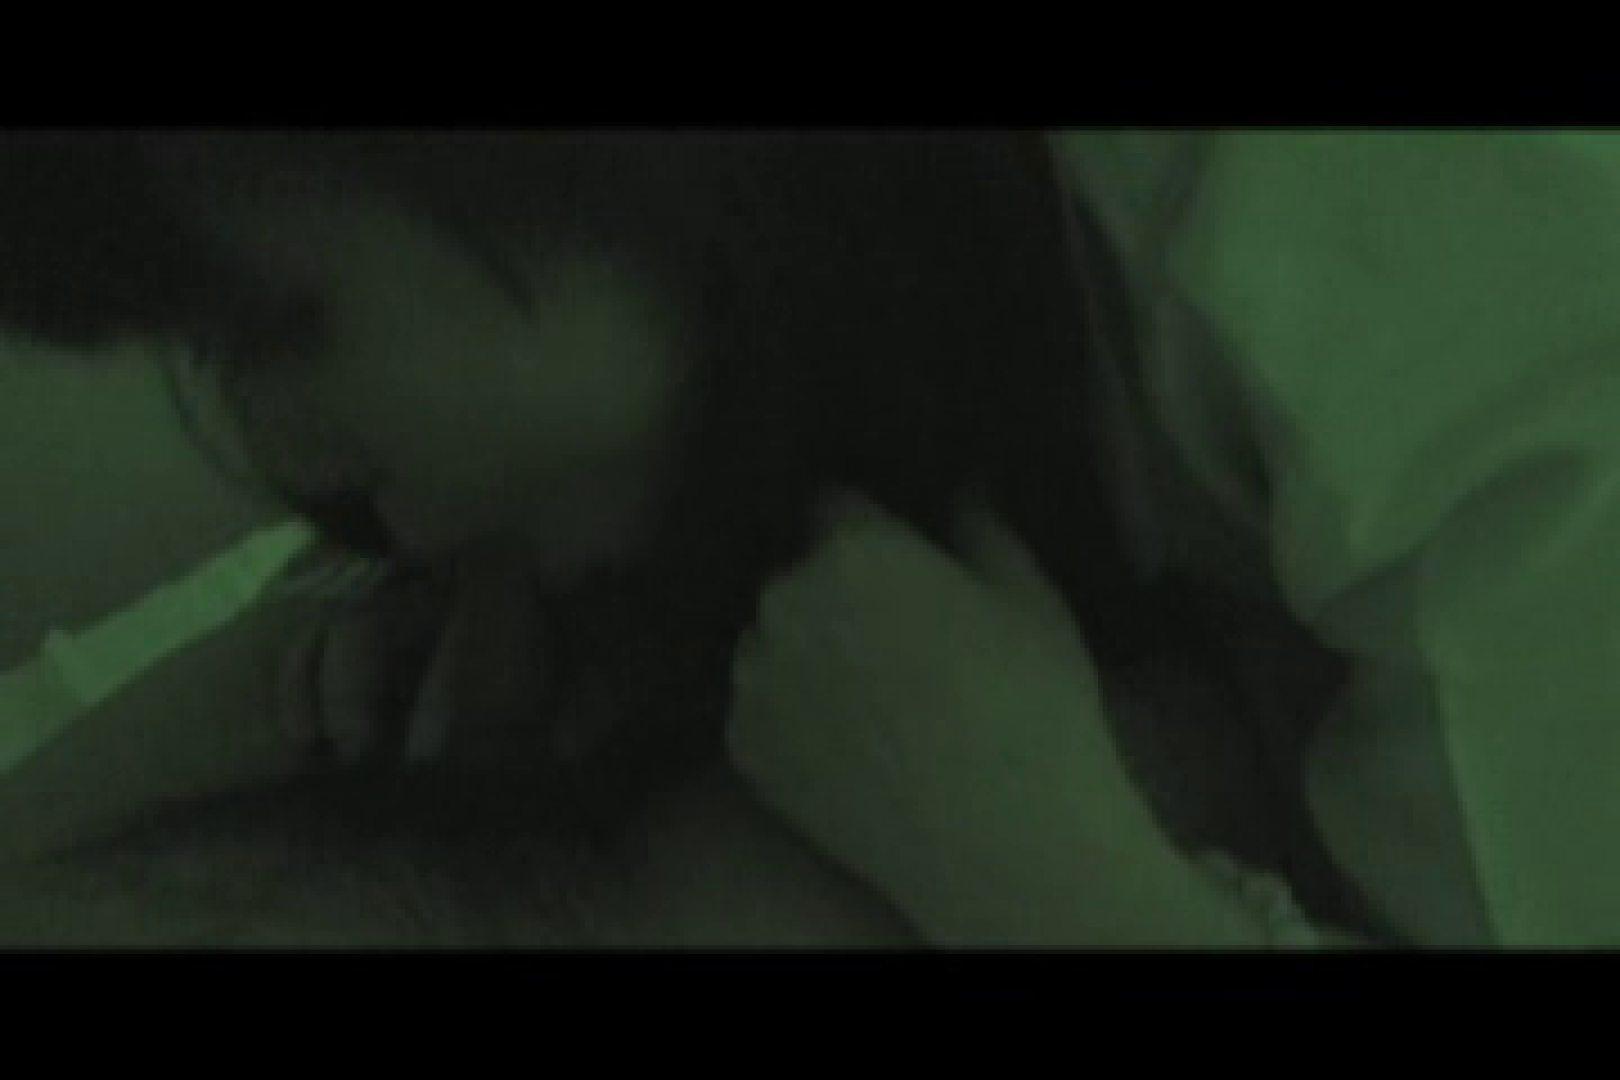 ヤリマンと呼ばれた看護士さんvol3 厠隠し撮り ワレメ動画紹介 72pic 3